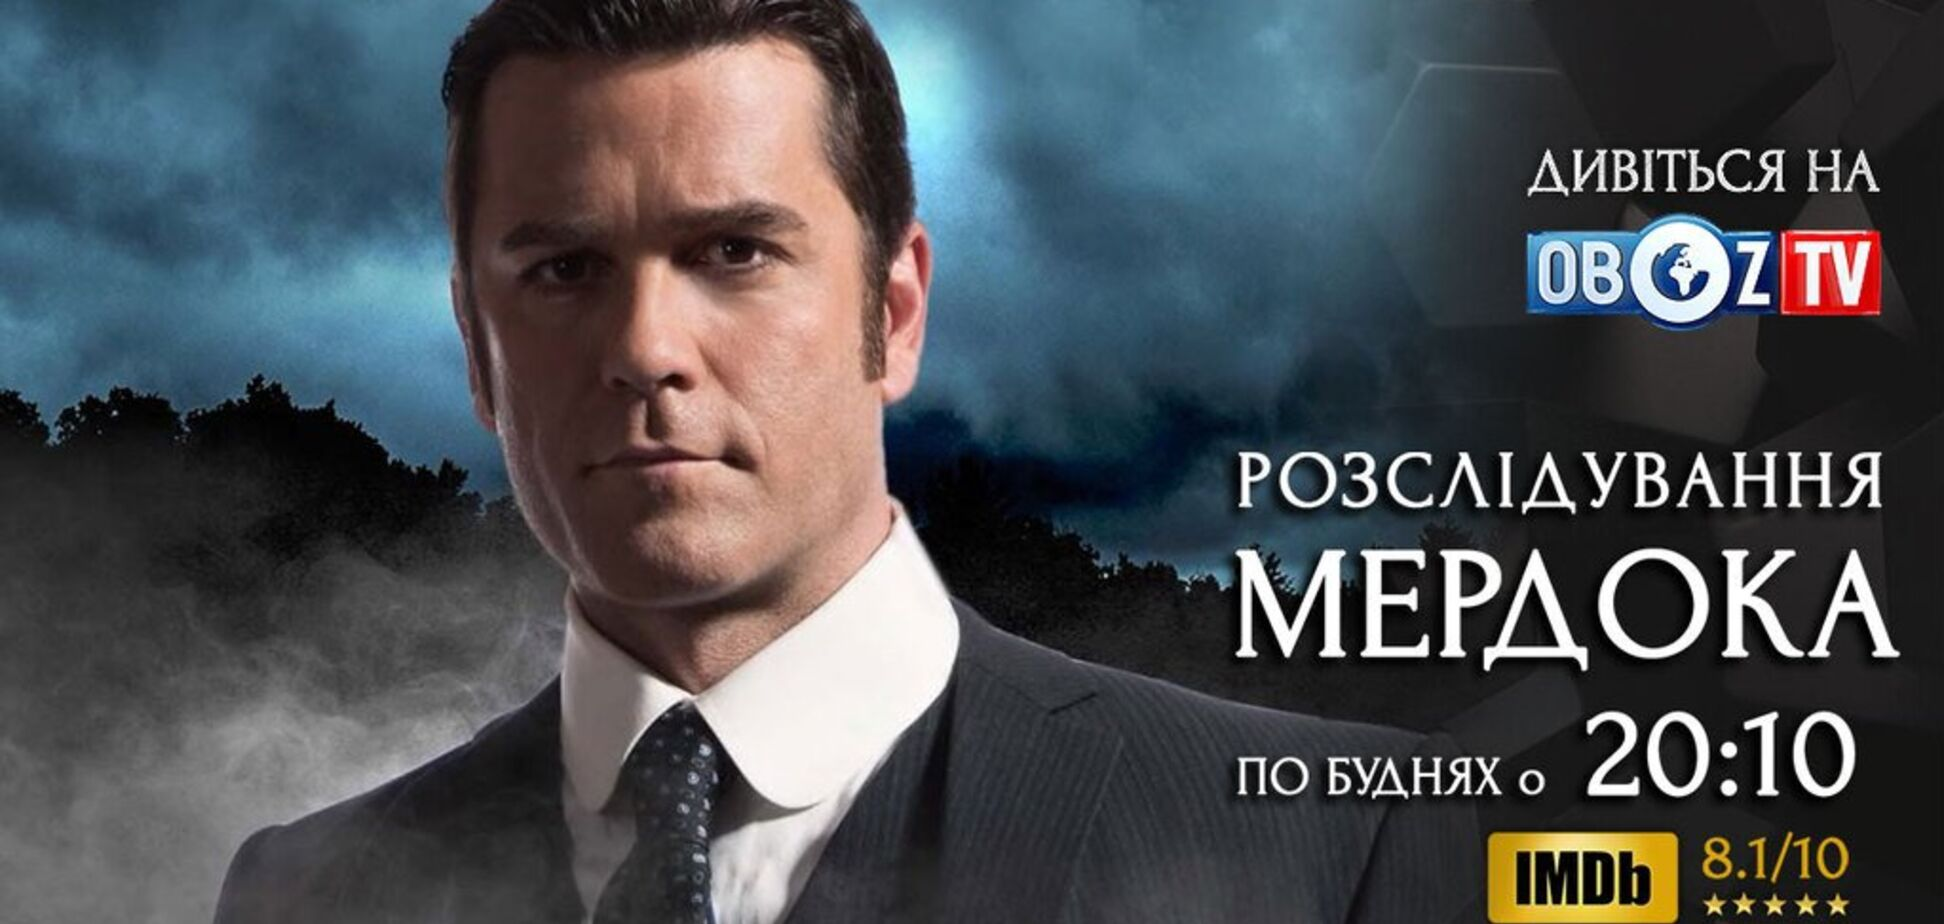 Дивіться на ObozTV серіал 'Розслідування Мердока' – серія 'Великий холод'